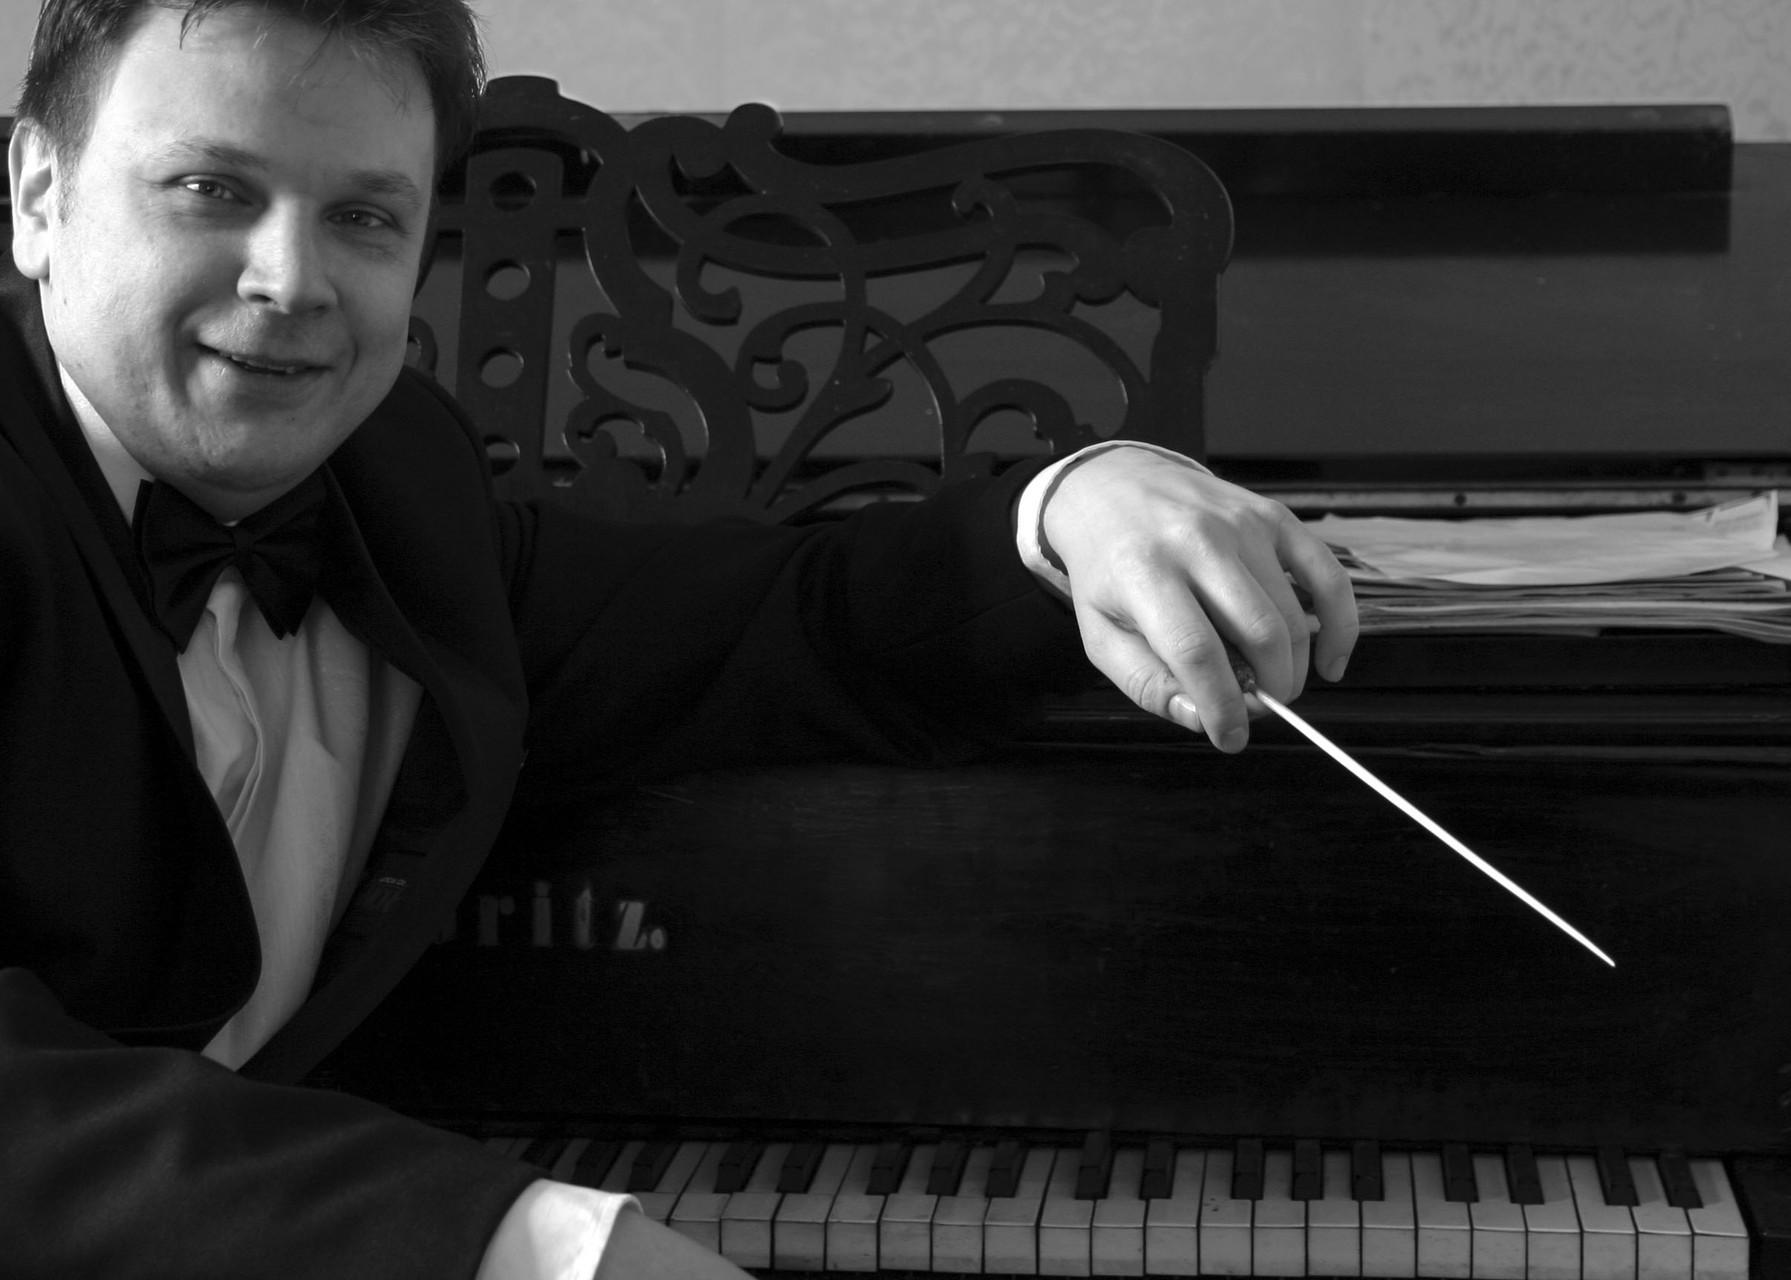 Премьерный спектакль посетил композитор из Санкт- Петербурга